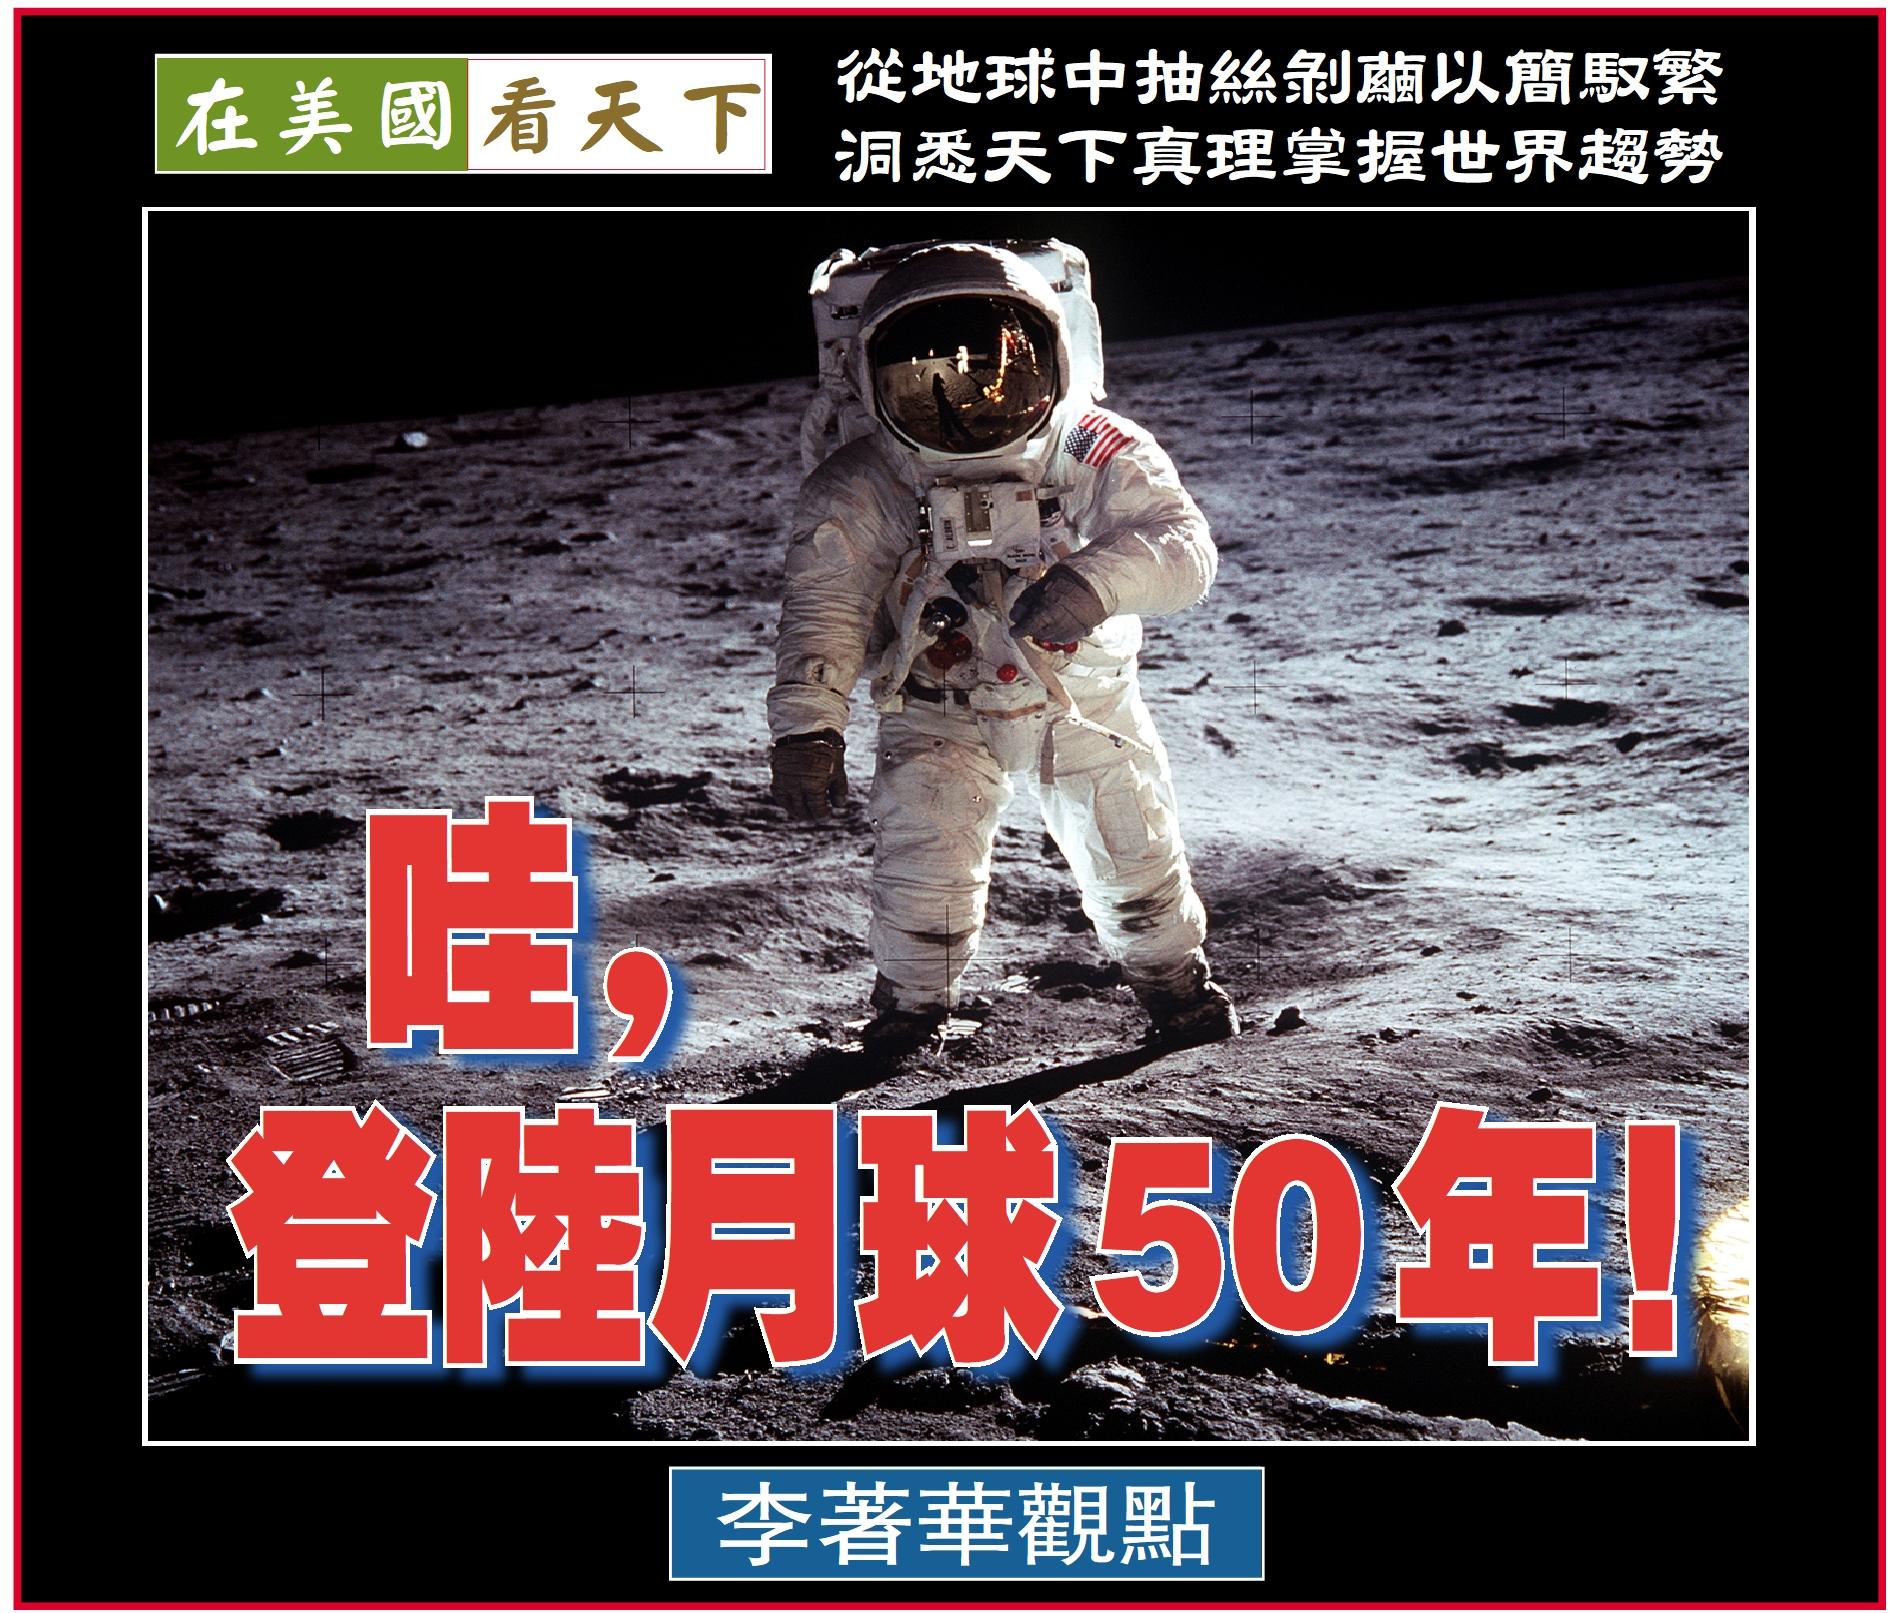 072019-哇,登陸月球50年!-1